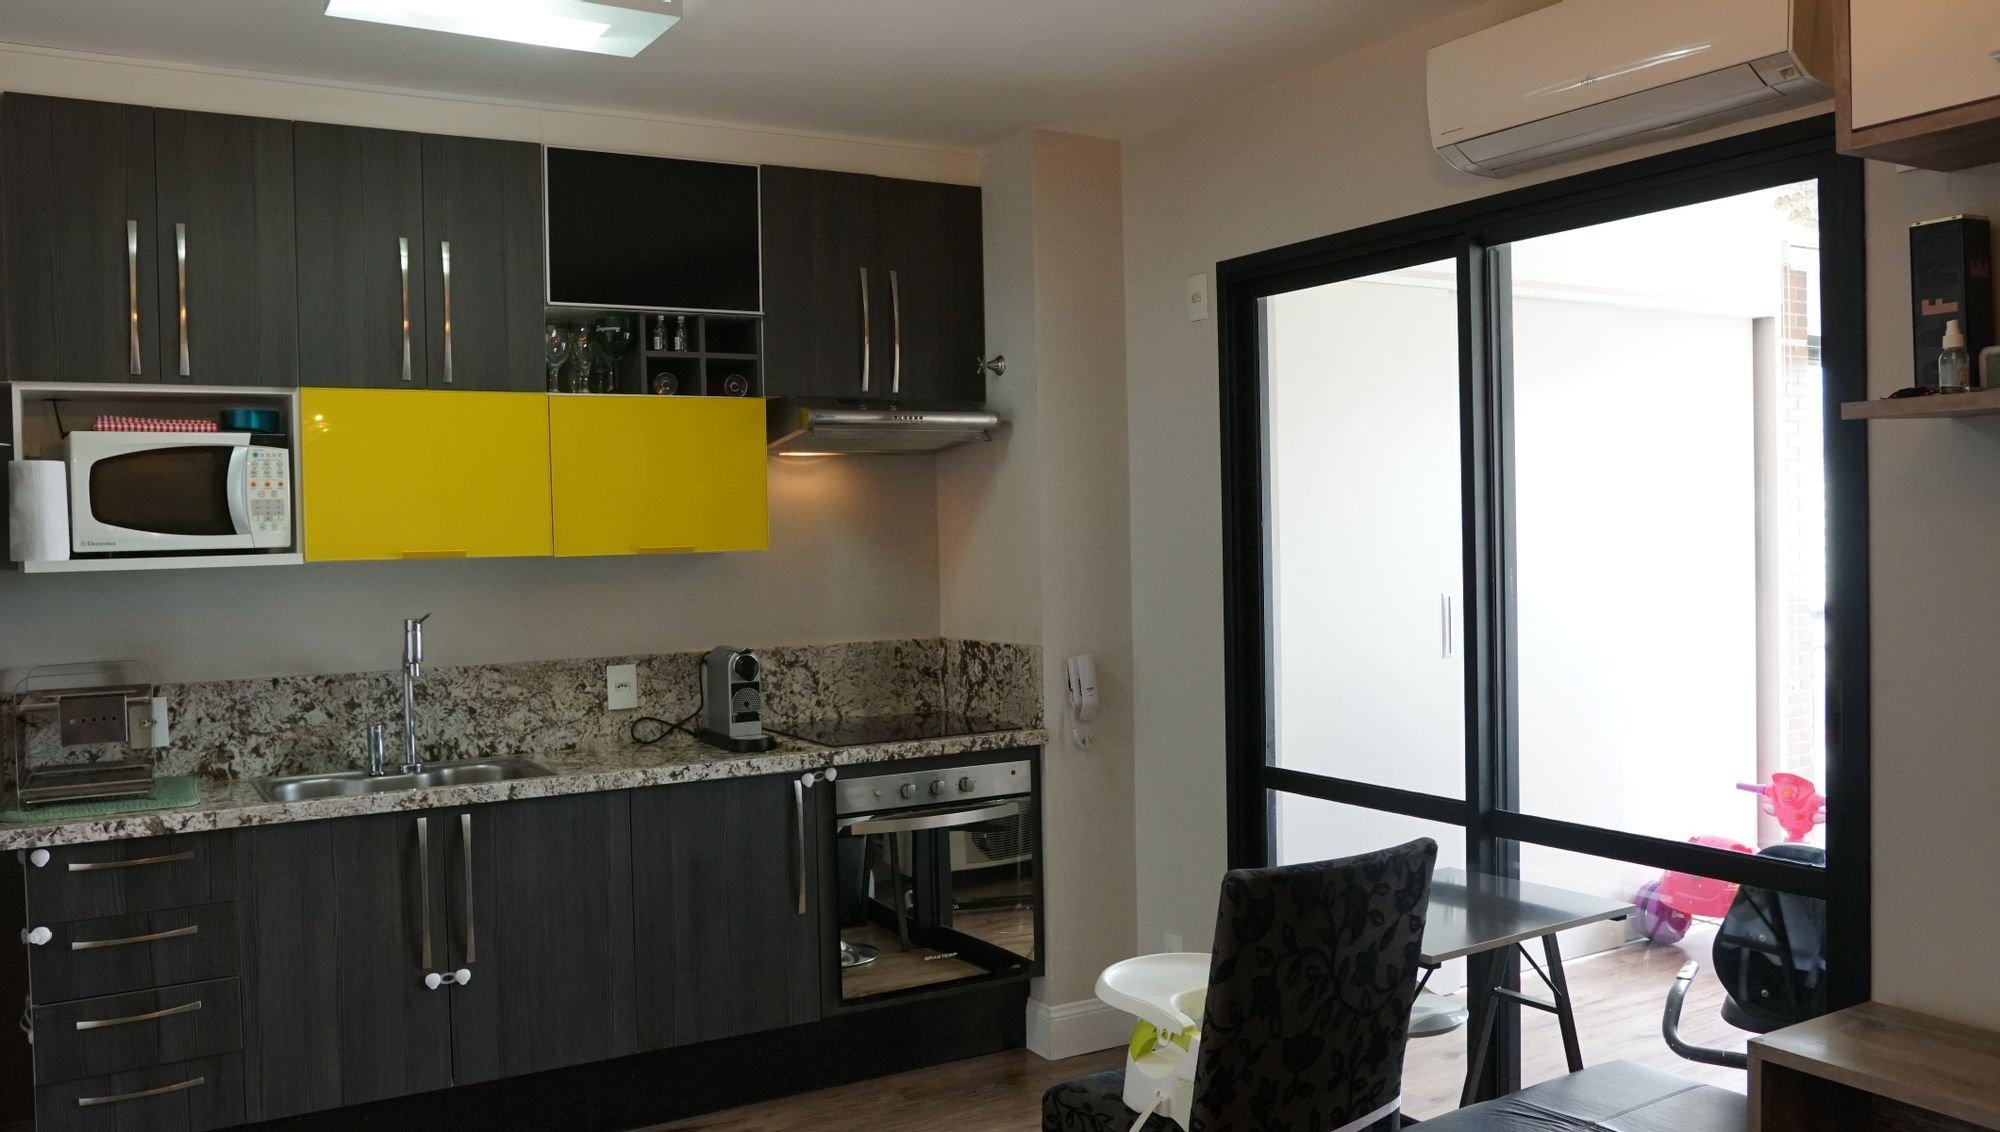 Foto de Cozinha com copo de vinho, pia, cadeira, microondas